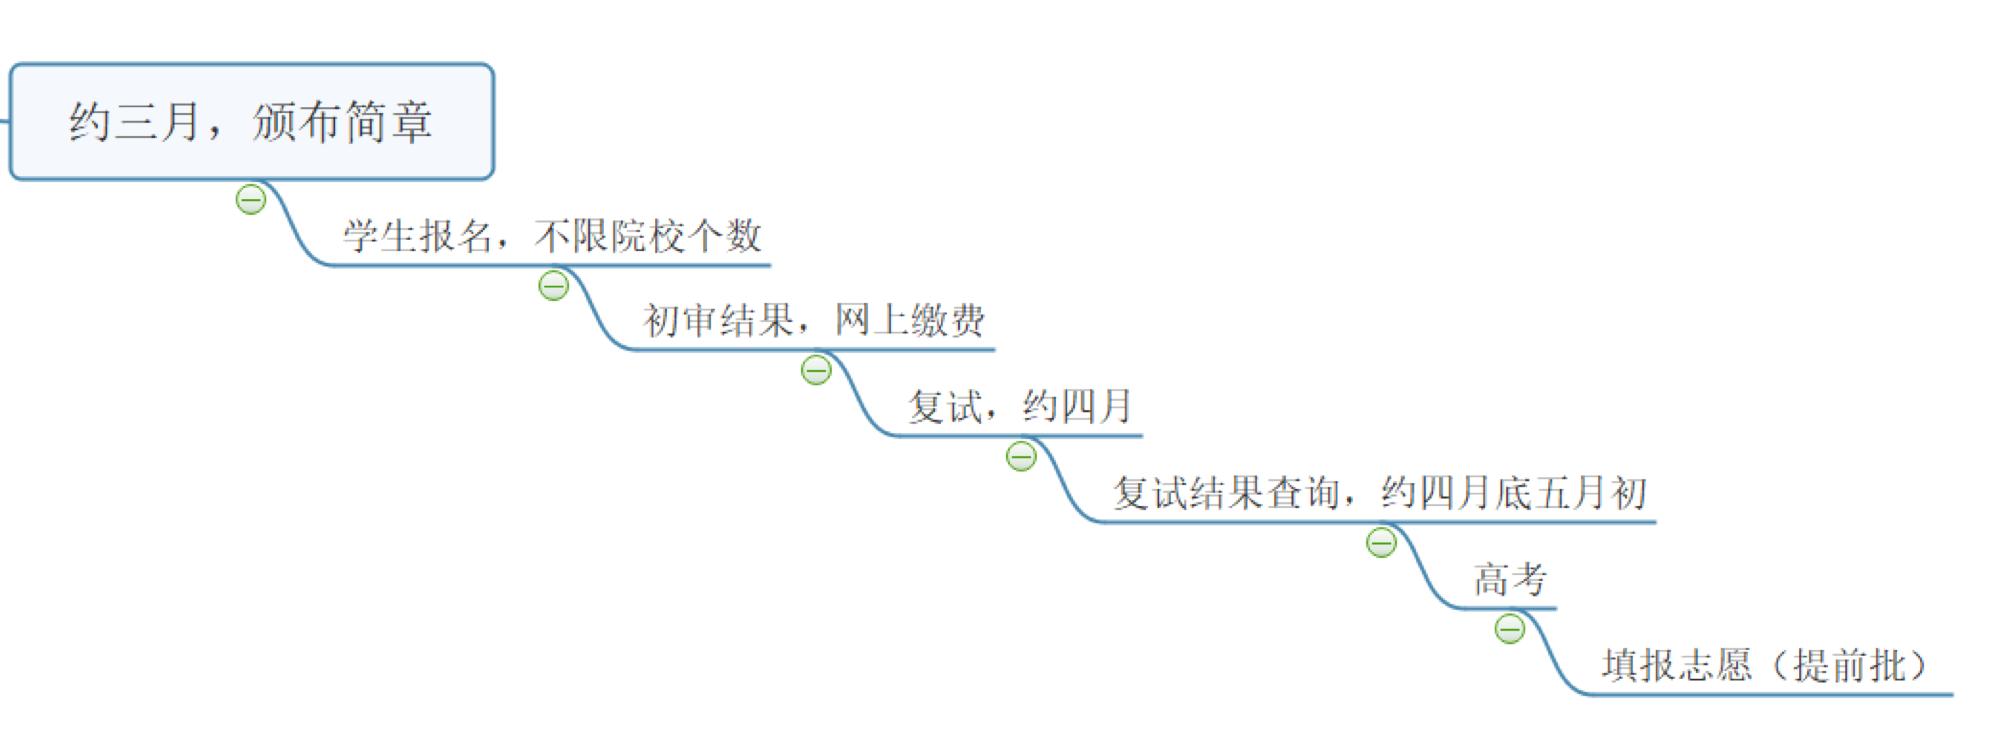 2019浙江三位一体招生全面解读(含各高校招生条件汇总)